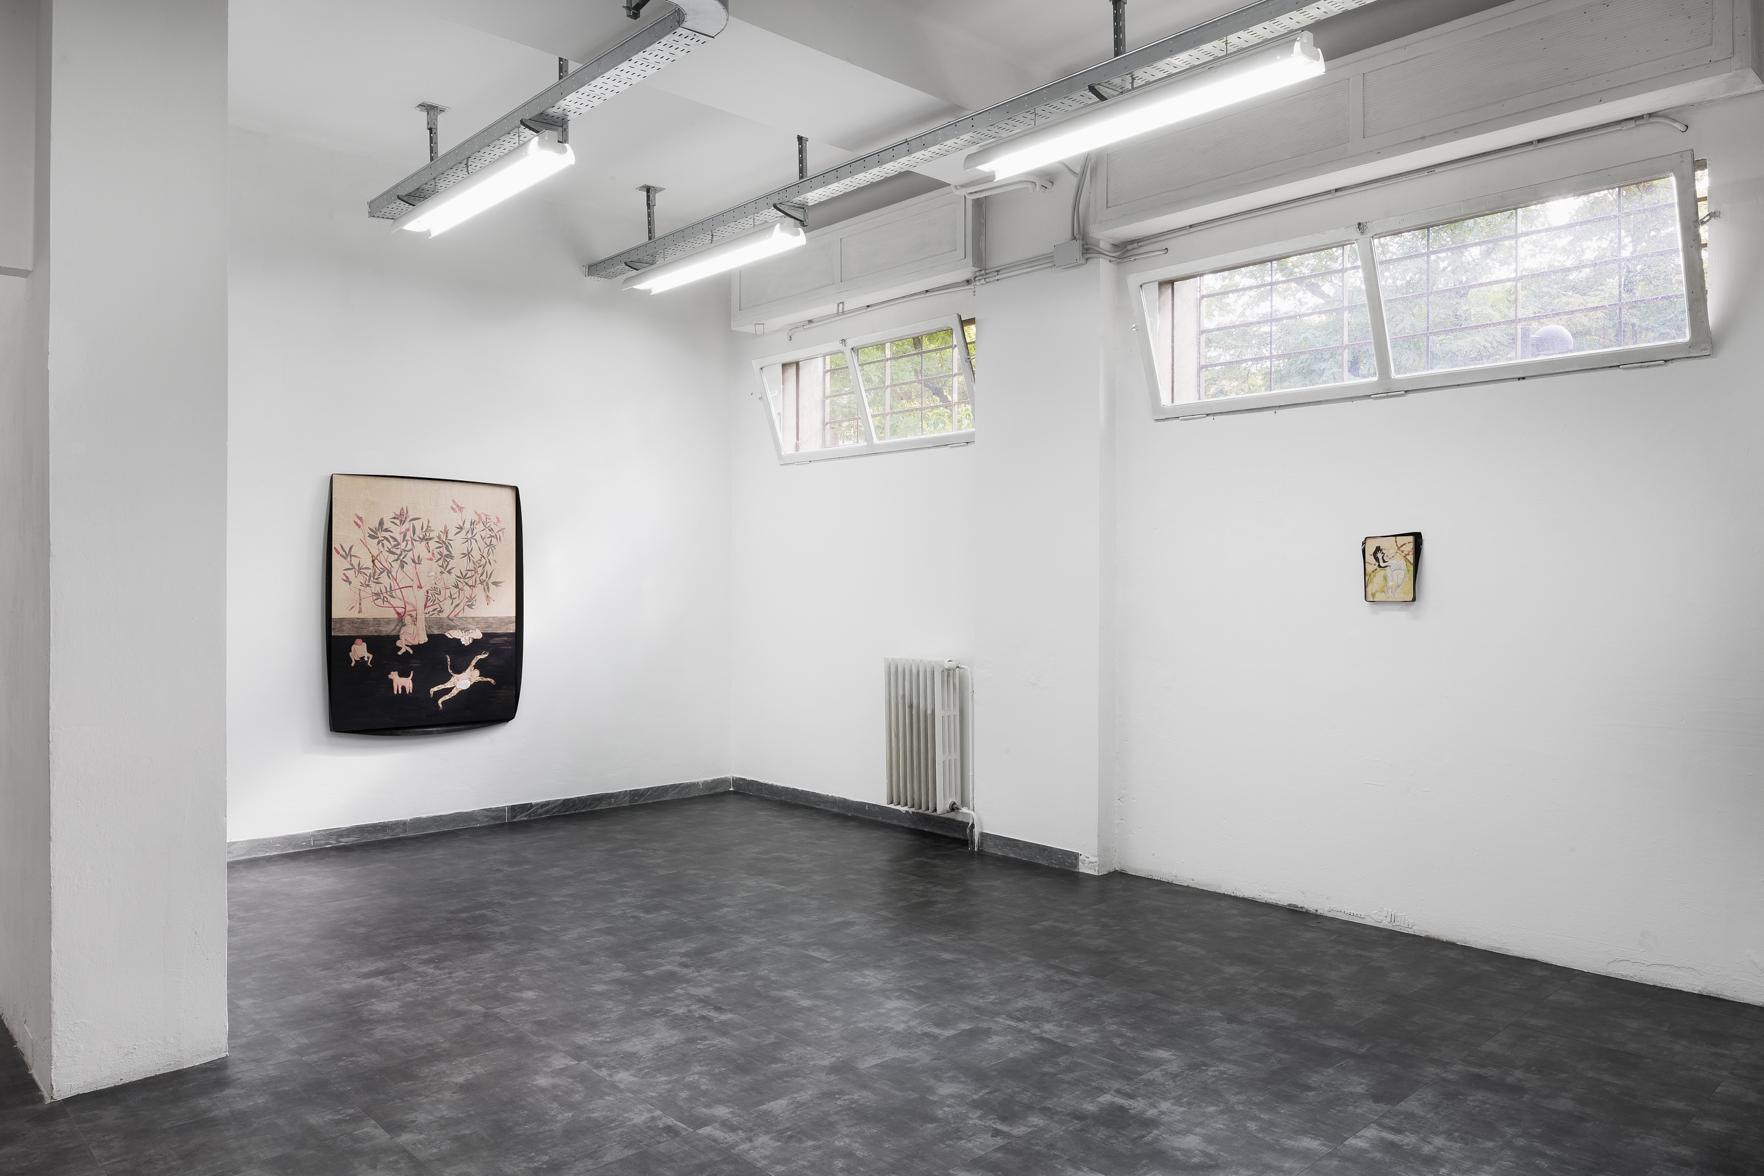 Fugazza_Ostaggi e amici, exhibition view_08